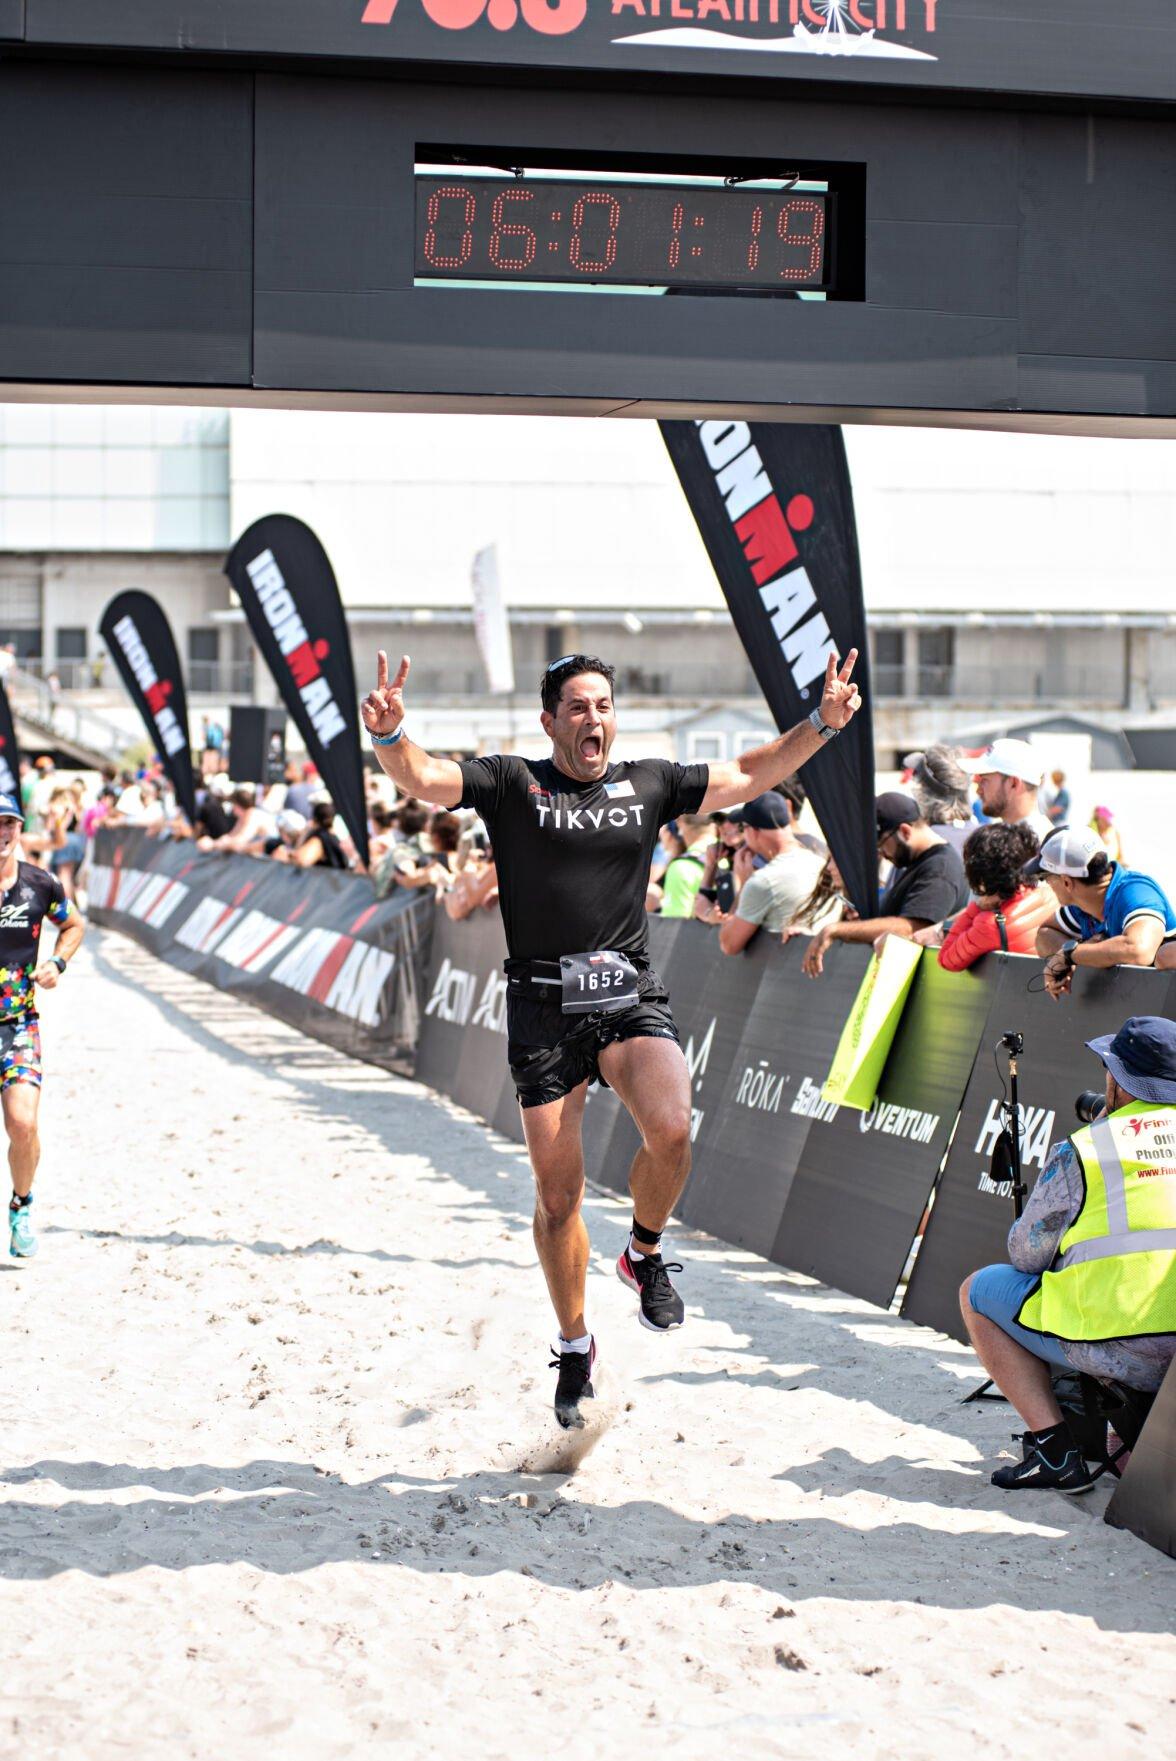 091321-pac-nws-triathlon